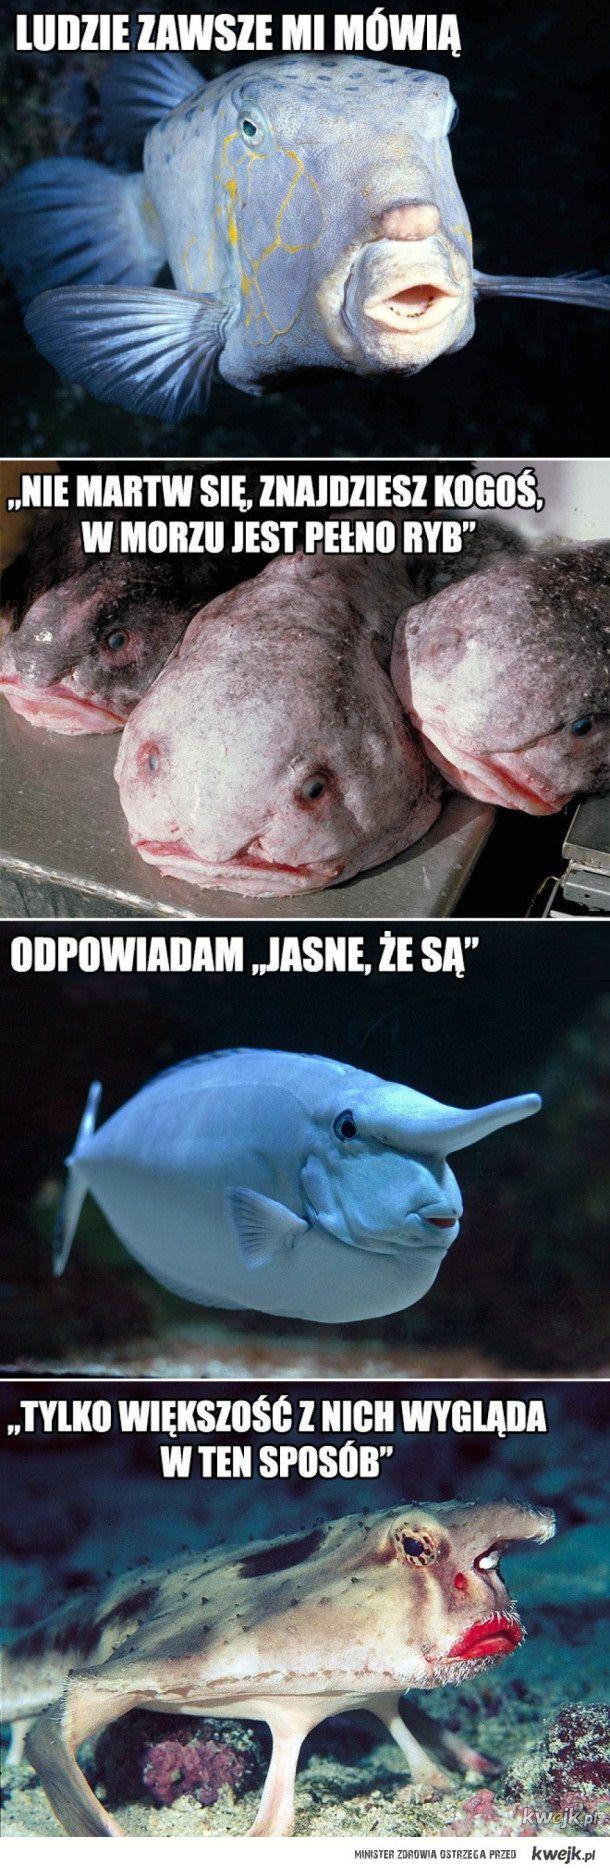 W morzu jest pełno ryb...